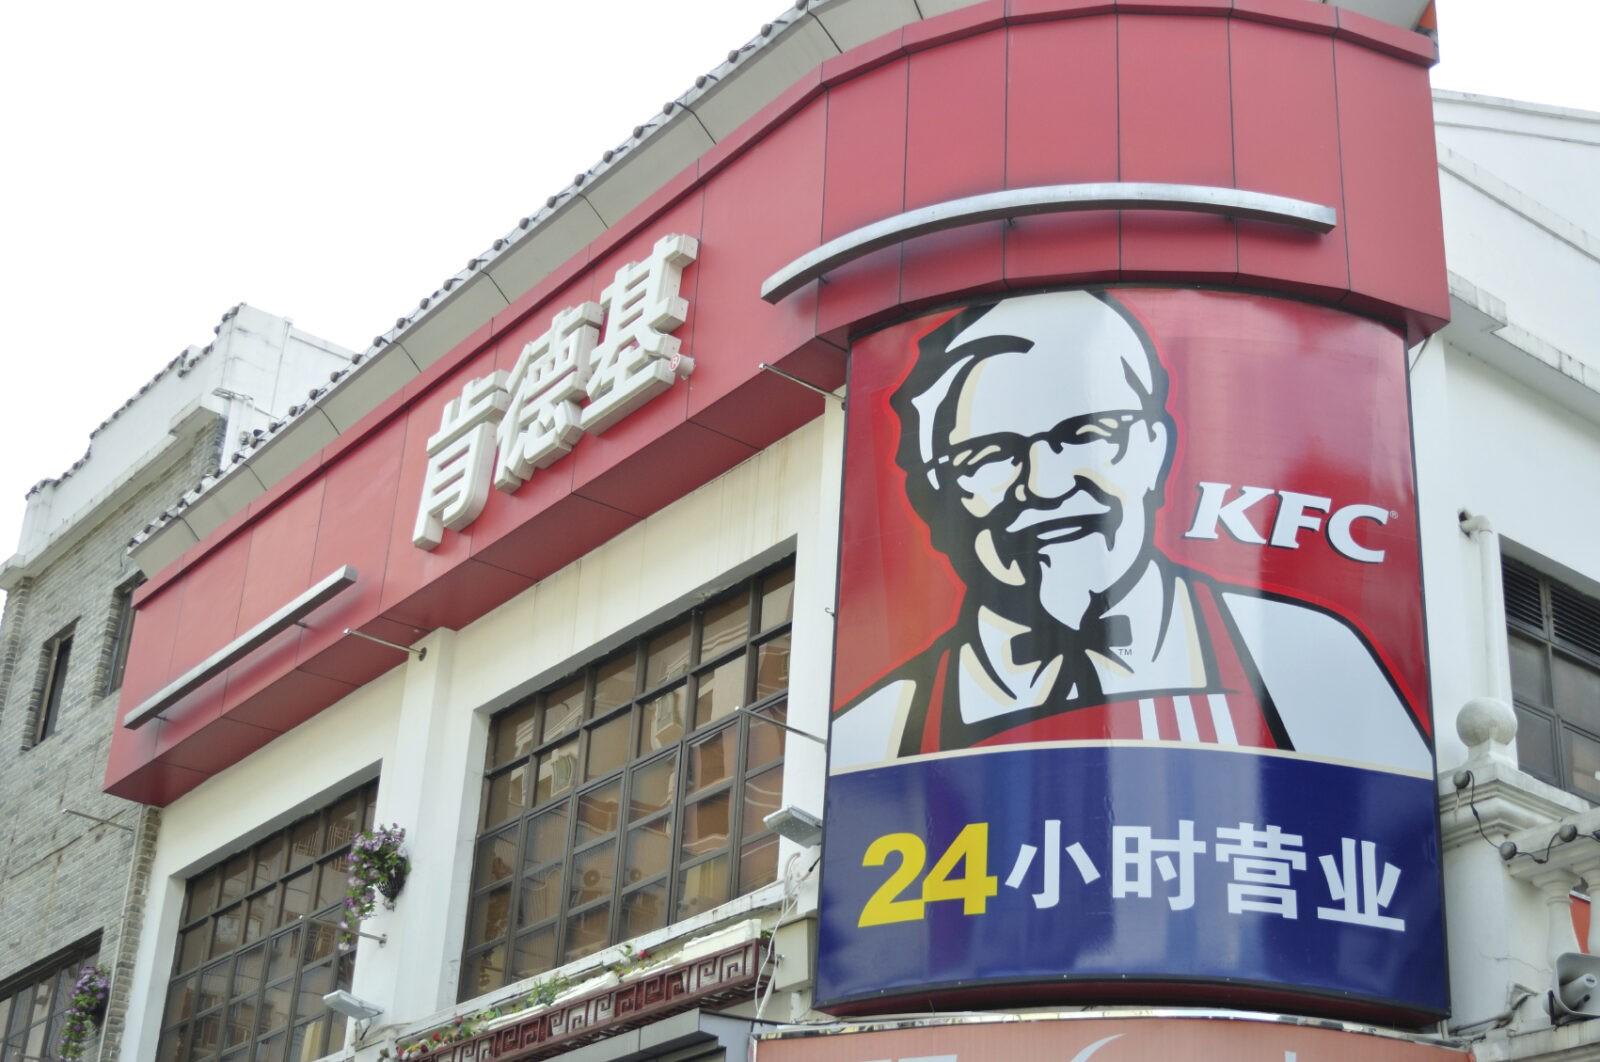 KFC in Shenzen